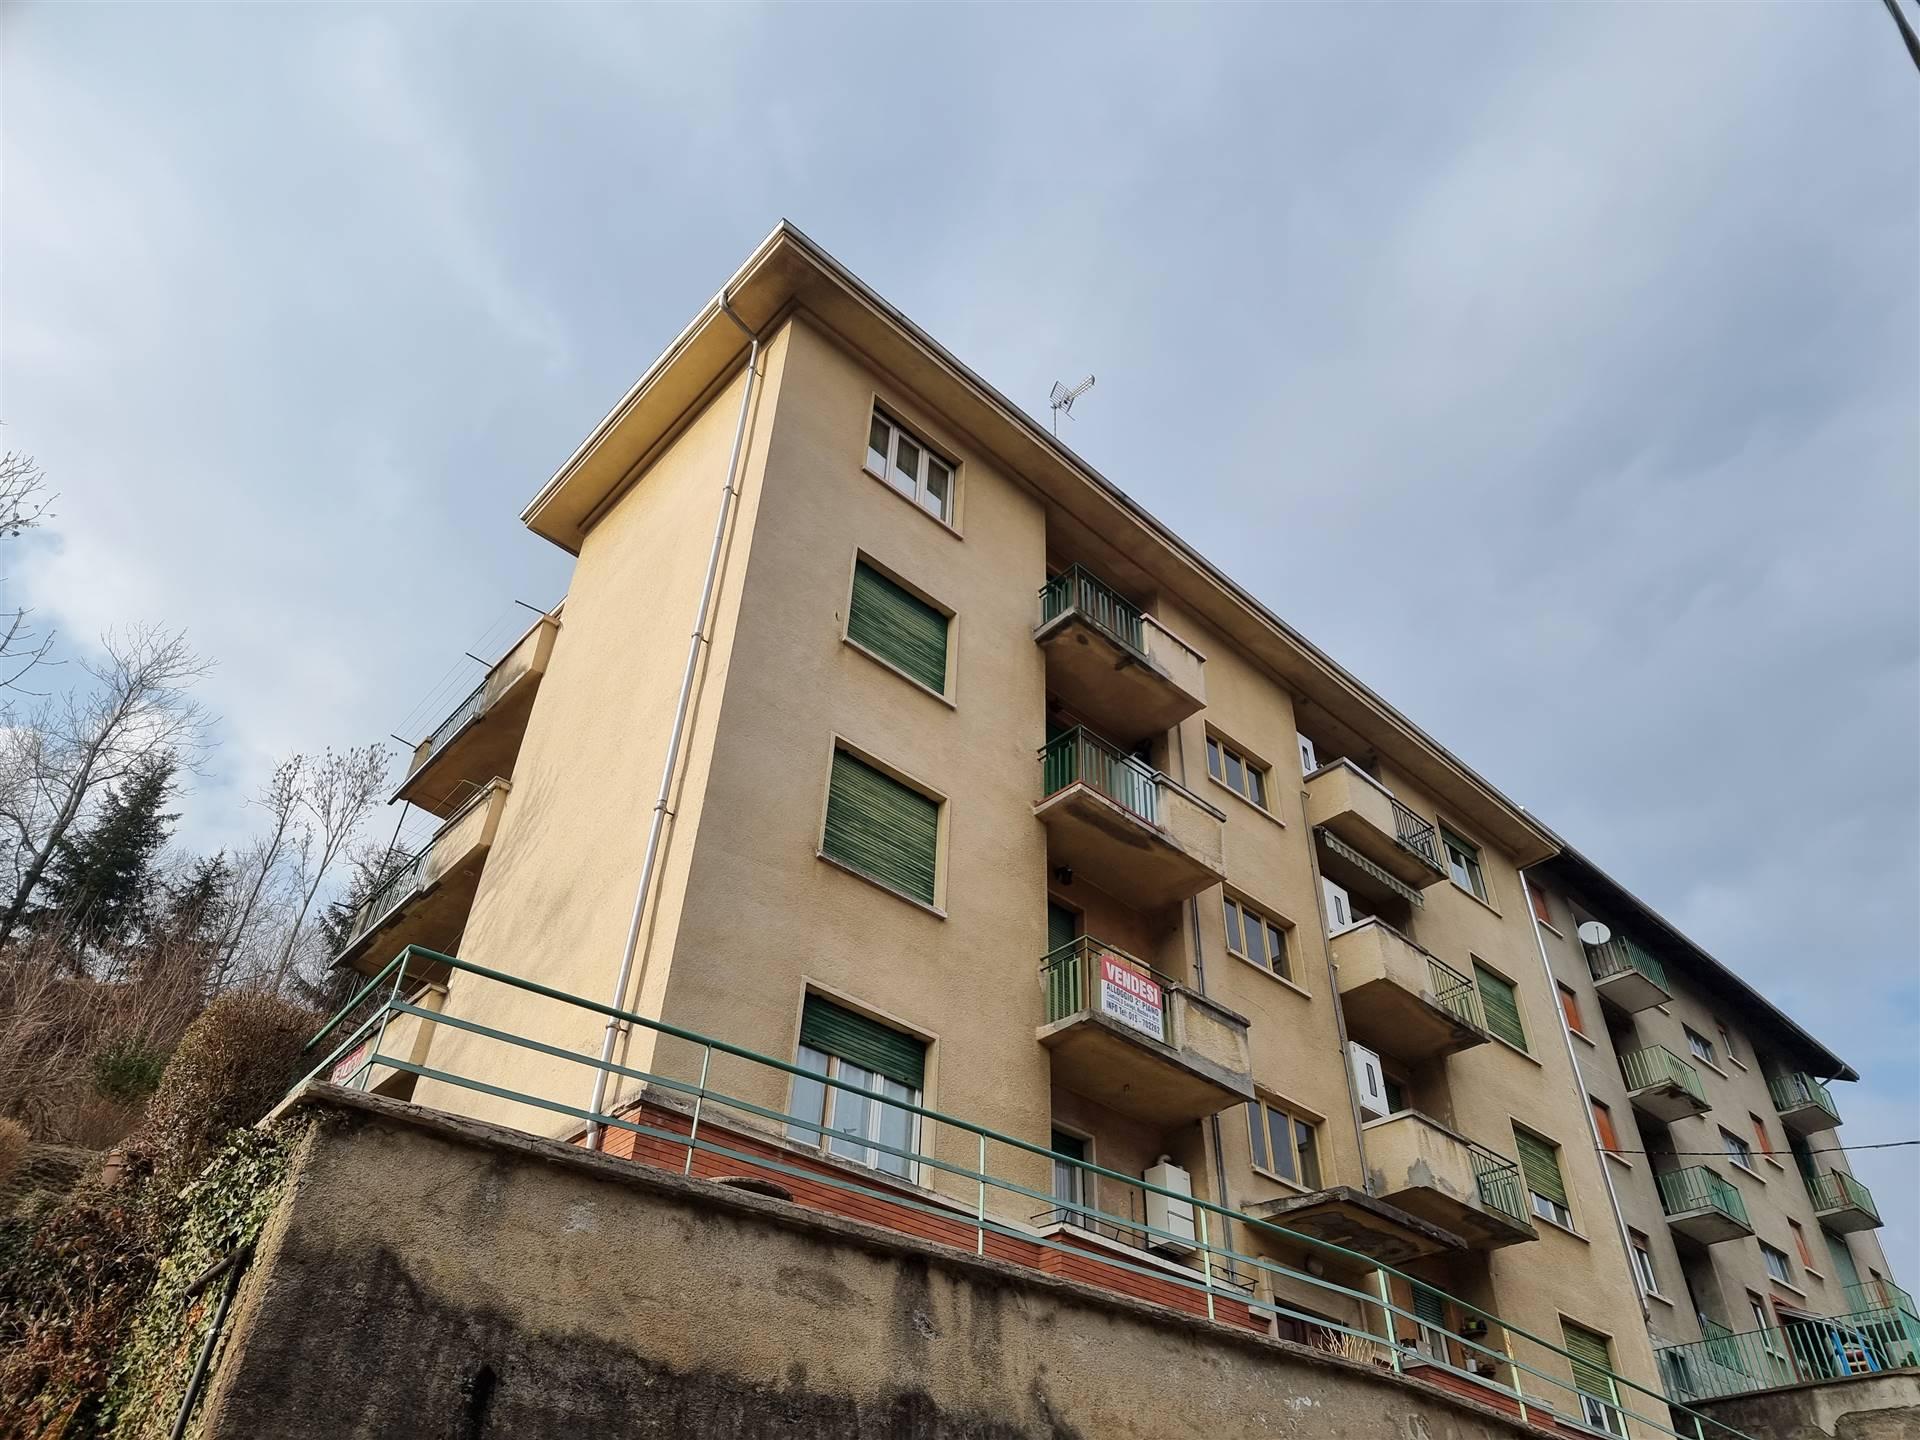 Appartamento in vendita a Veglio, 4 locali, prezzo € 15.000 | PortaleAgenzieImmobiliari.it